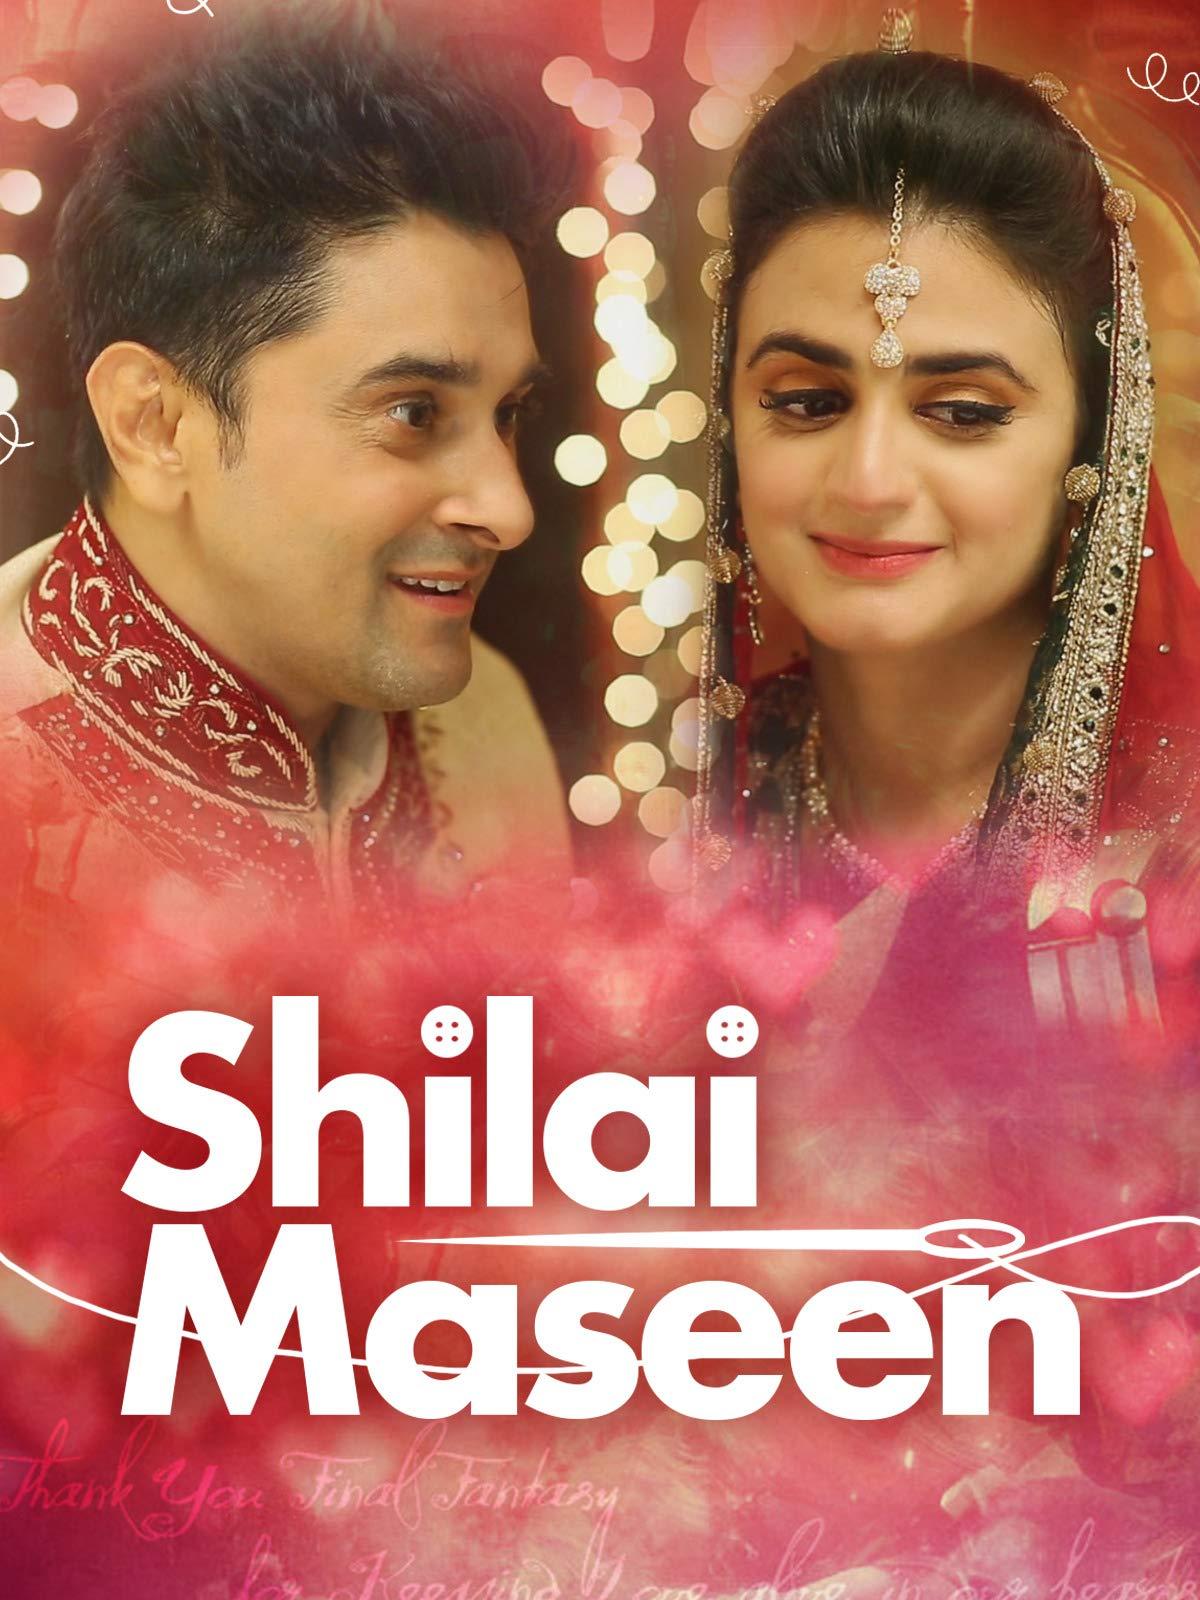 Shilai Maseen